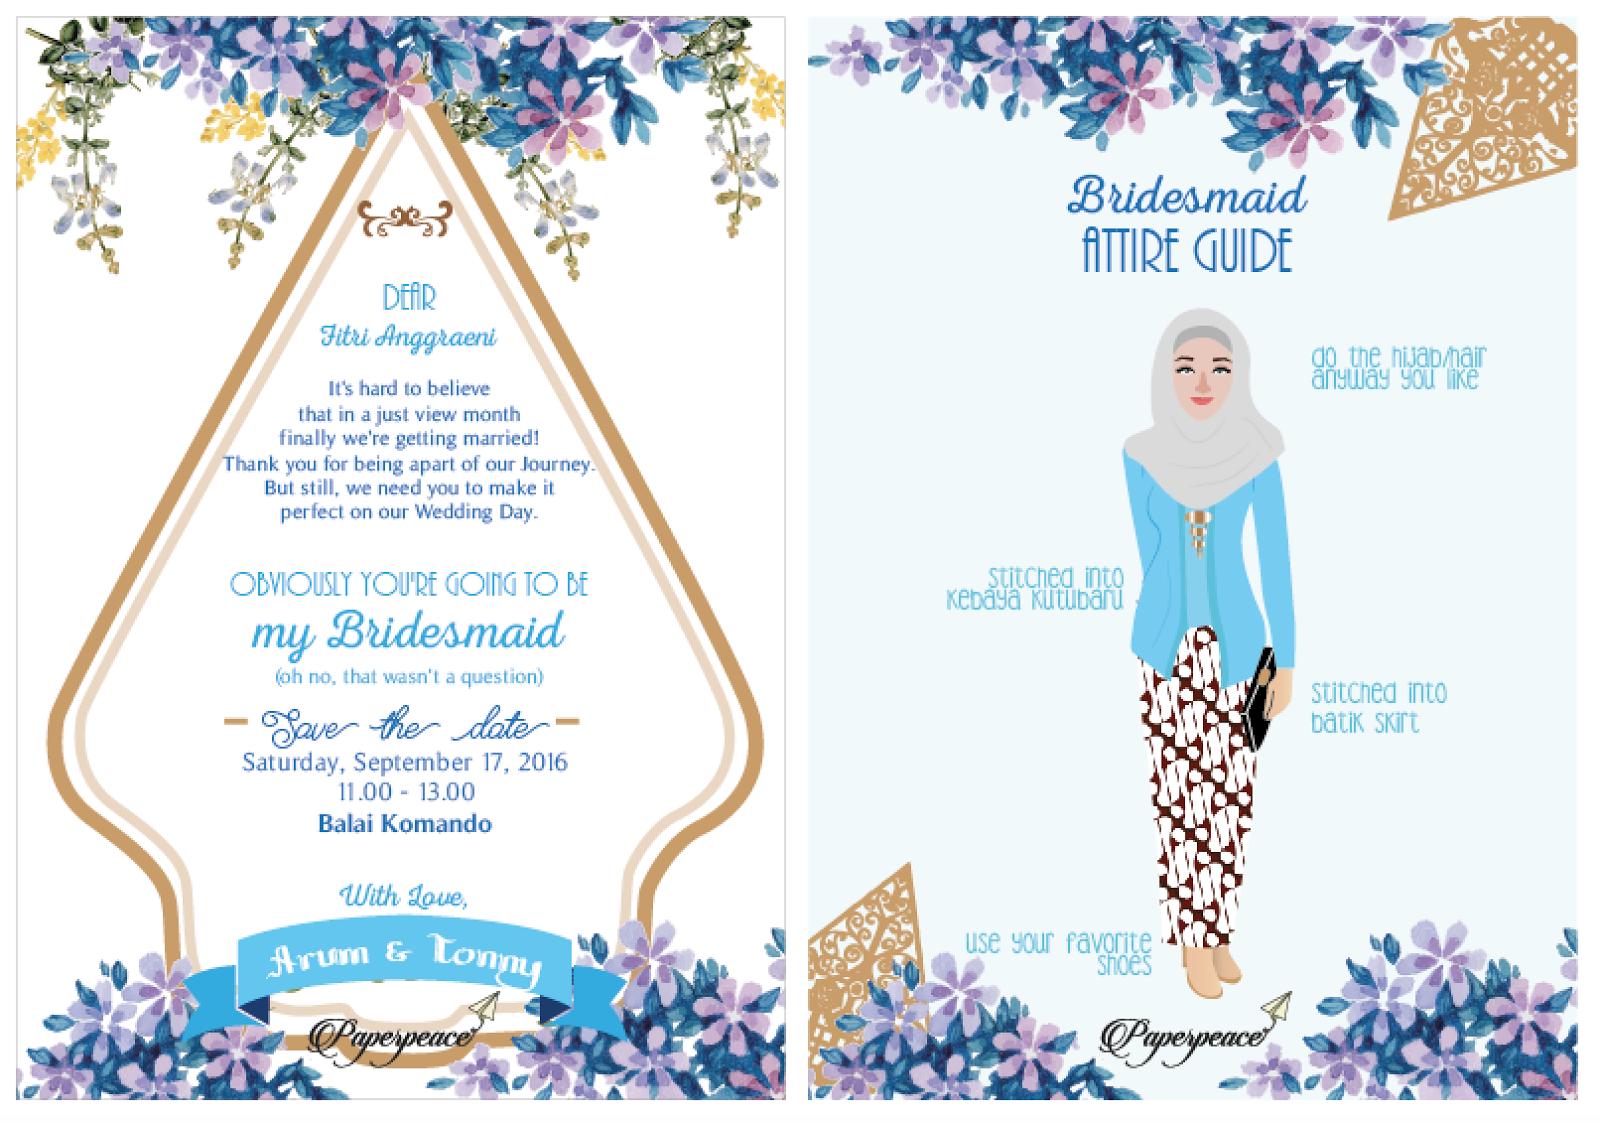 Bridesmaid Card For Ms Arum With Kebaya Kutubaru Dan Gunungan Jawa